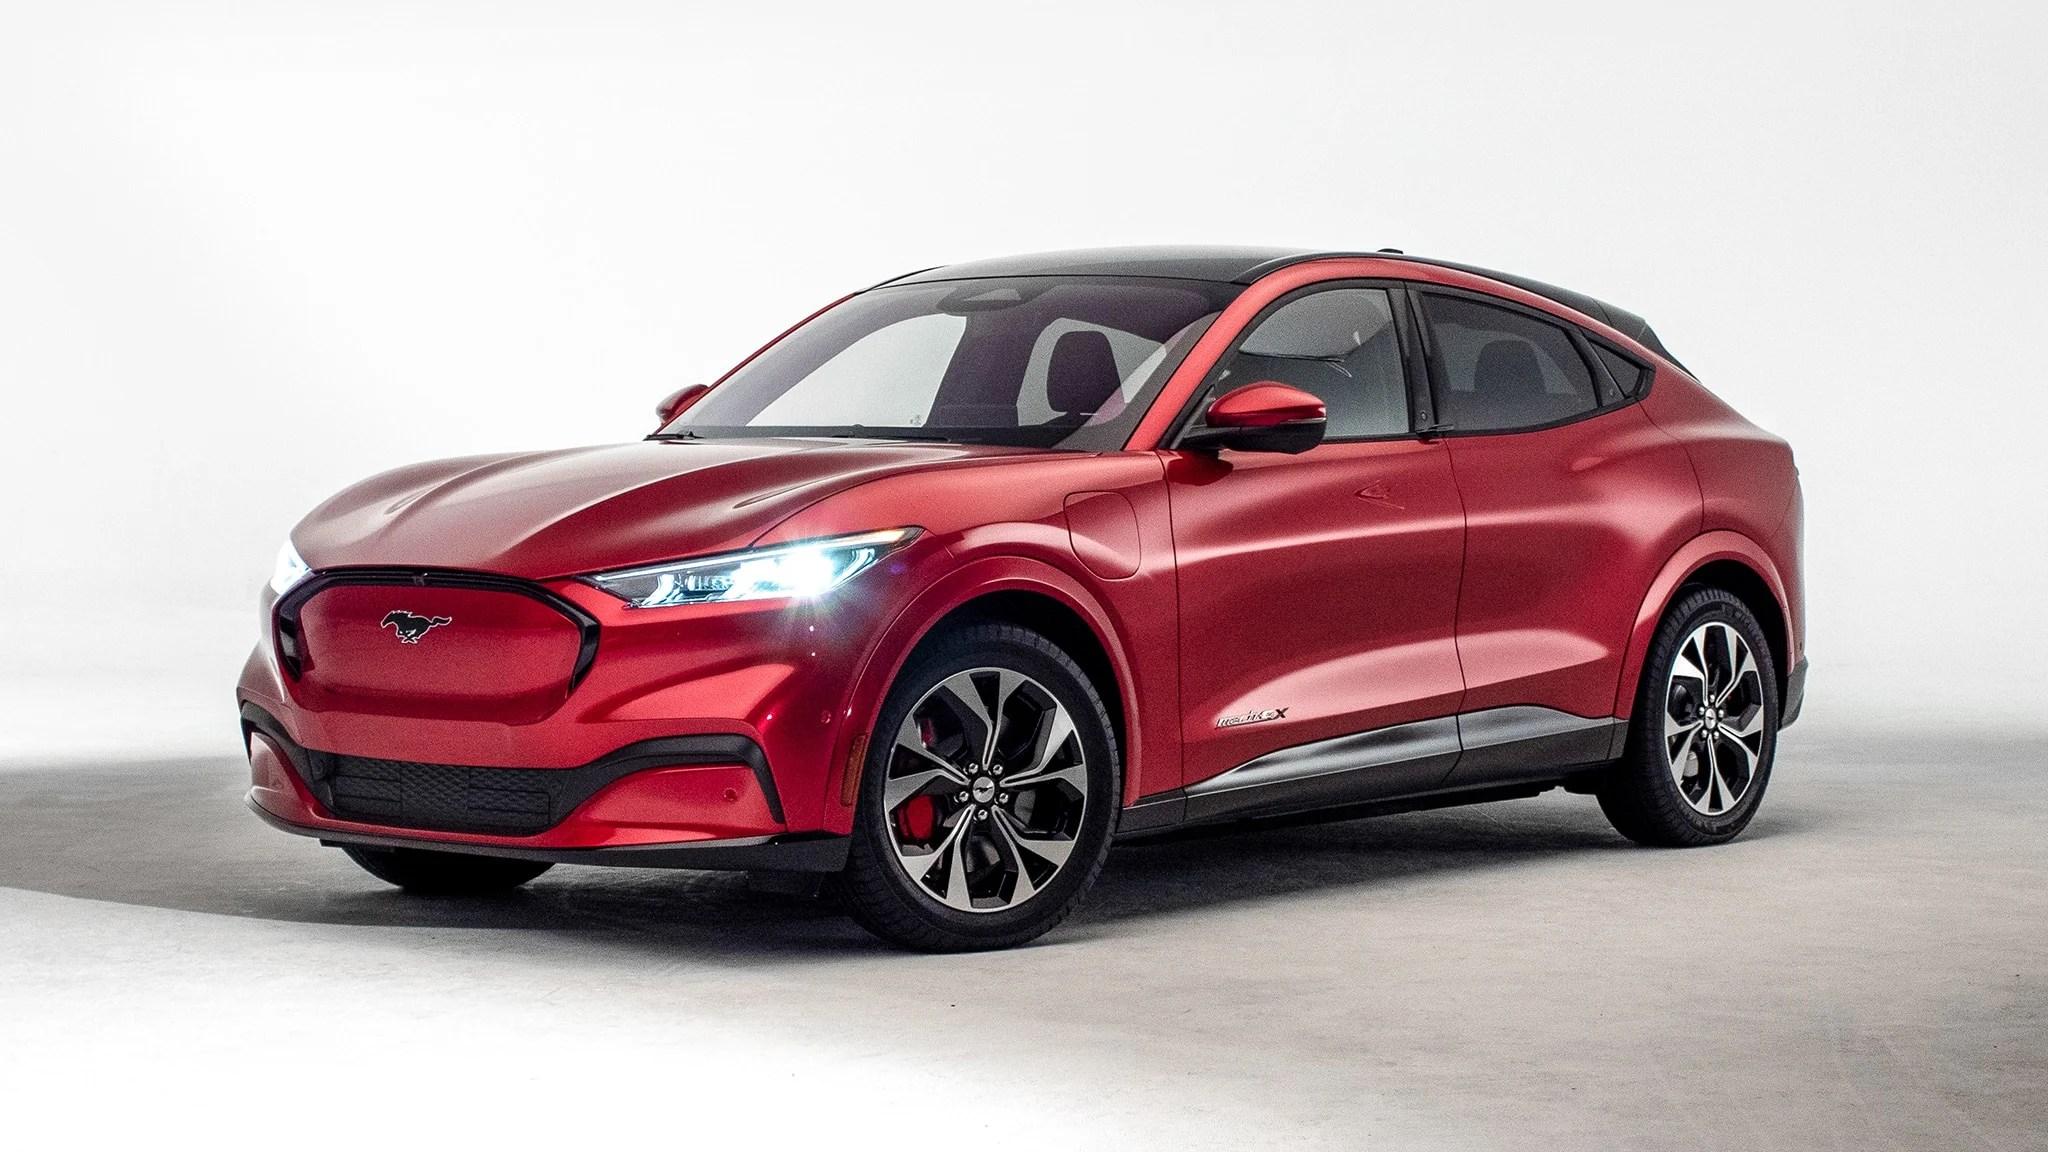 Ford annonce «Bluecruise» pour répondre à Tesla et son Autopilot